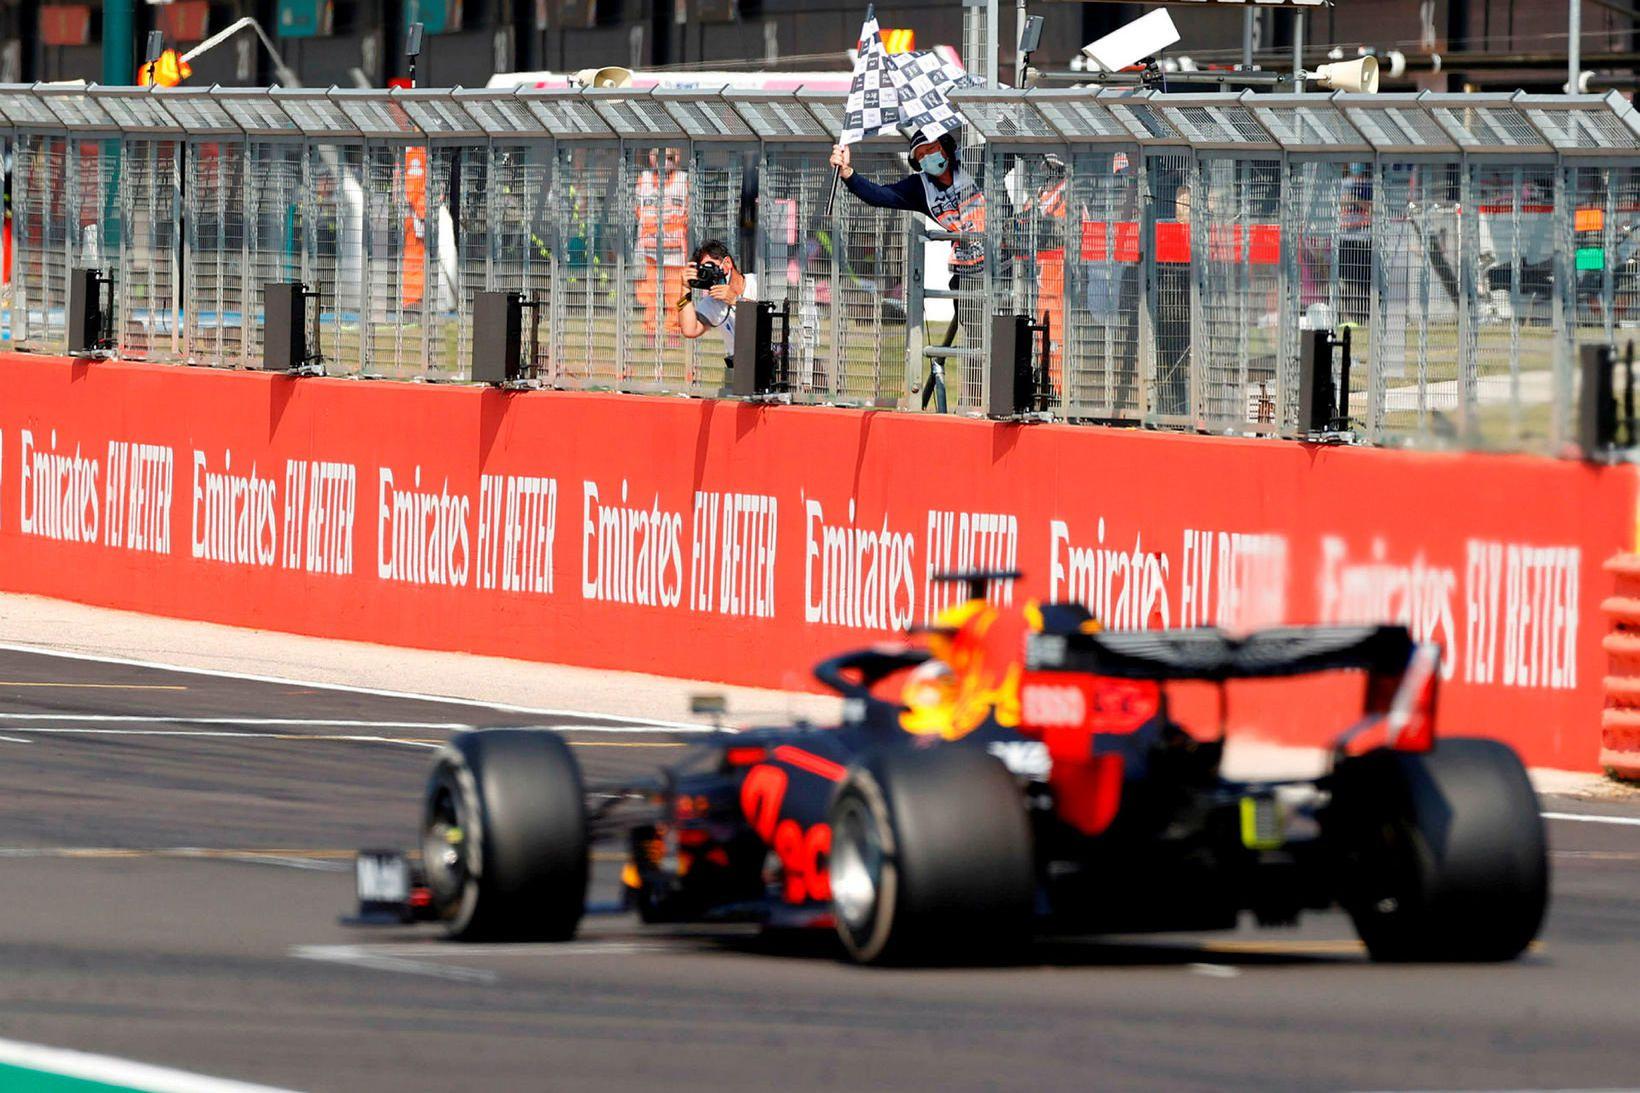 Max Verstappen ekur yfir marklínuna í Silverstone og vinnur sinn …